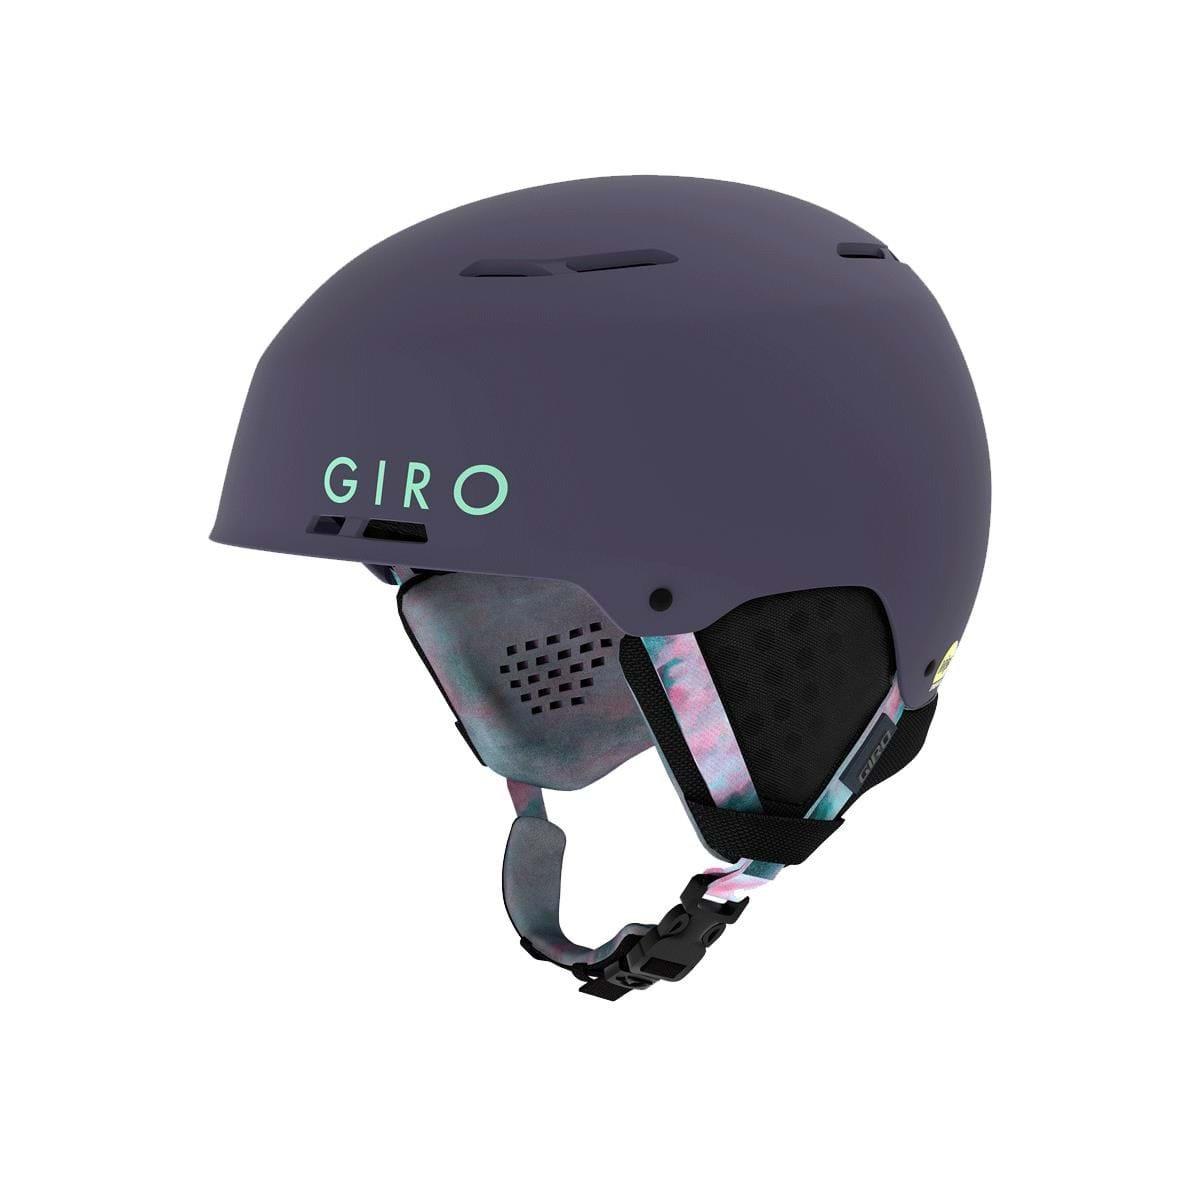 Emerge MIPS Snow Helmet